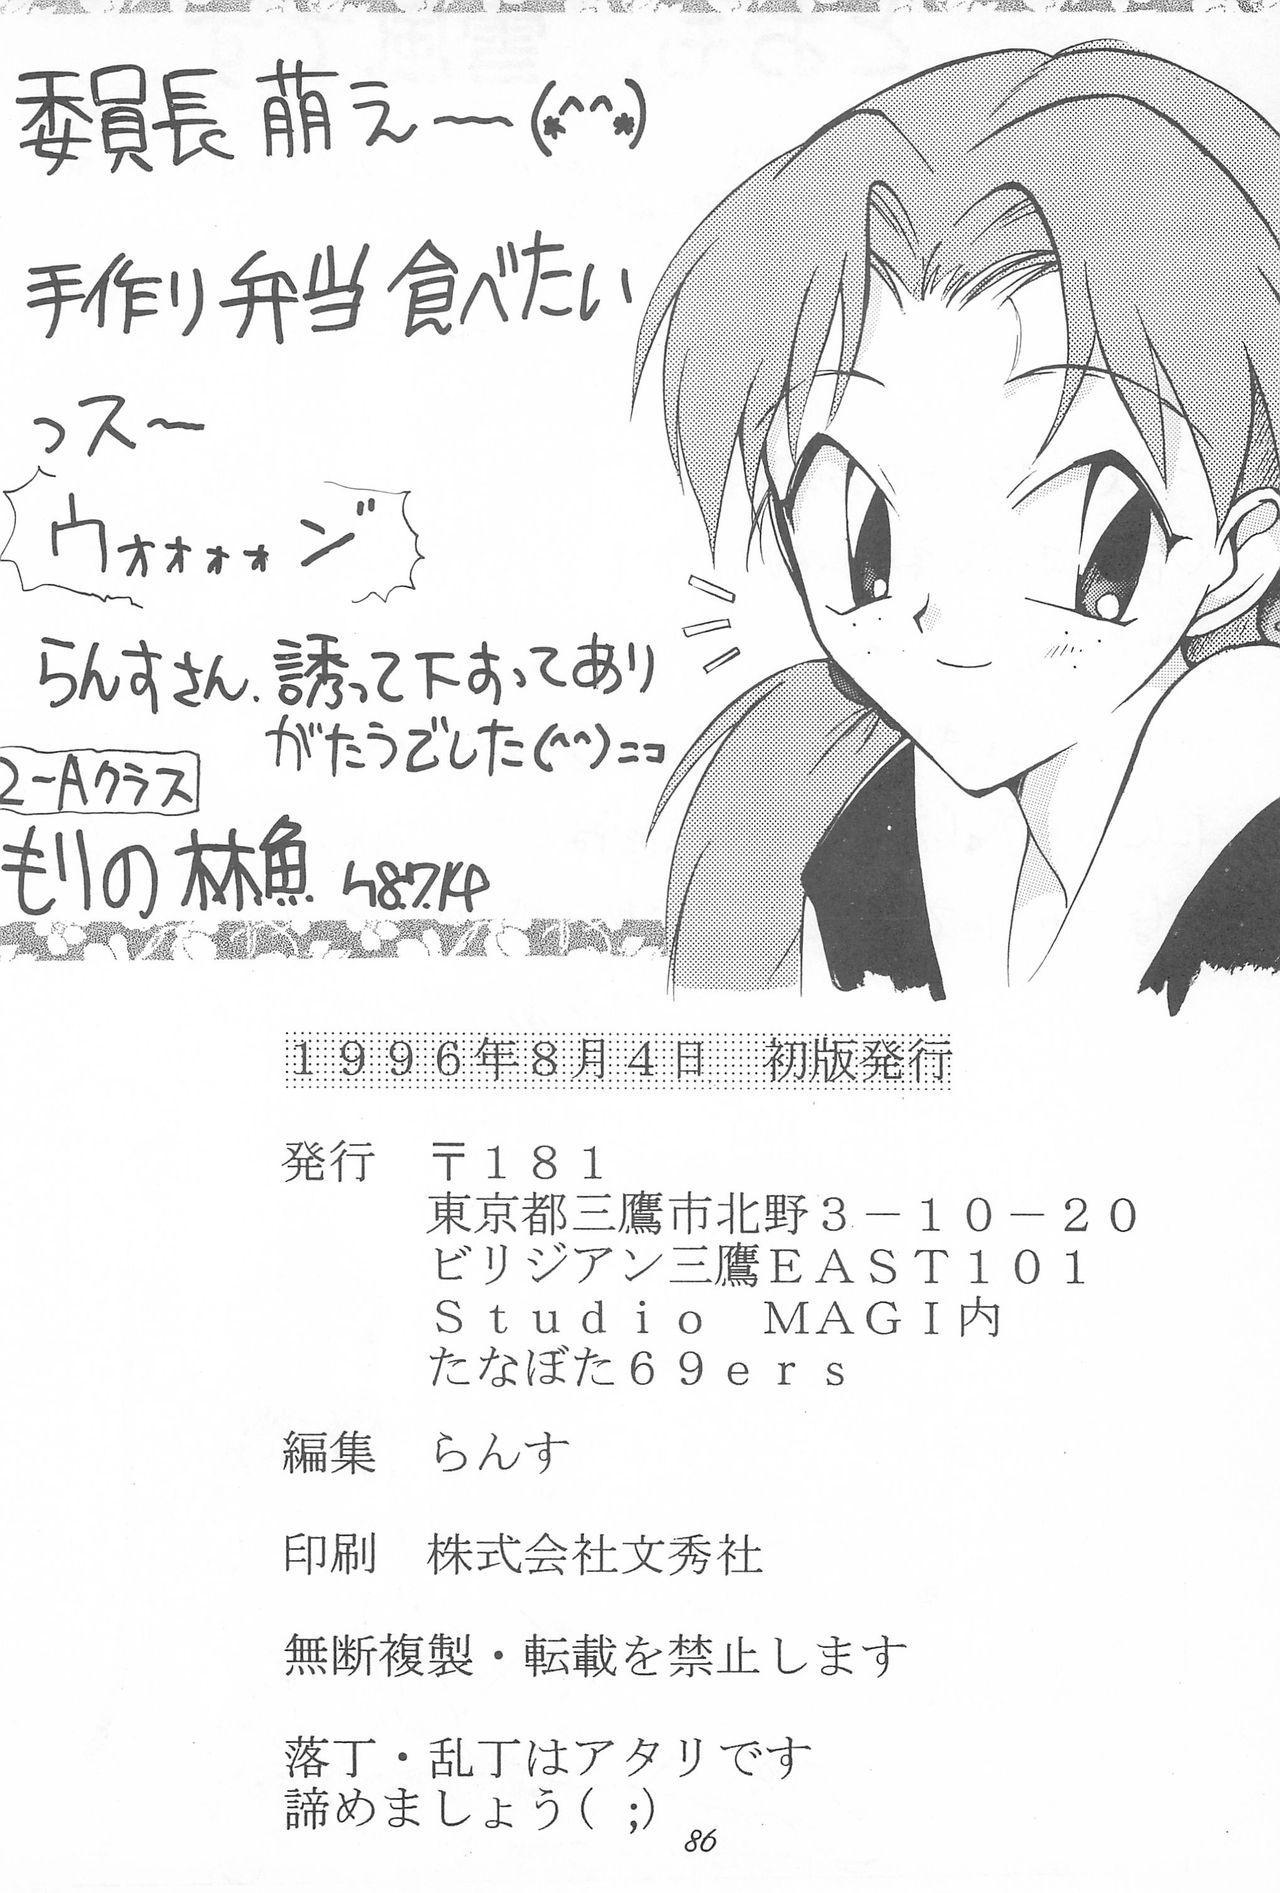 Youseiki Evanlolibon 85